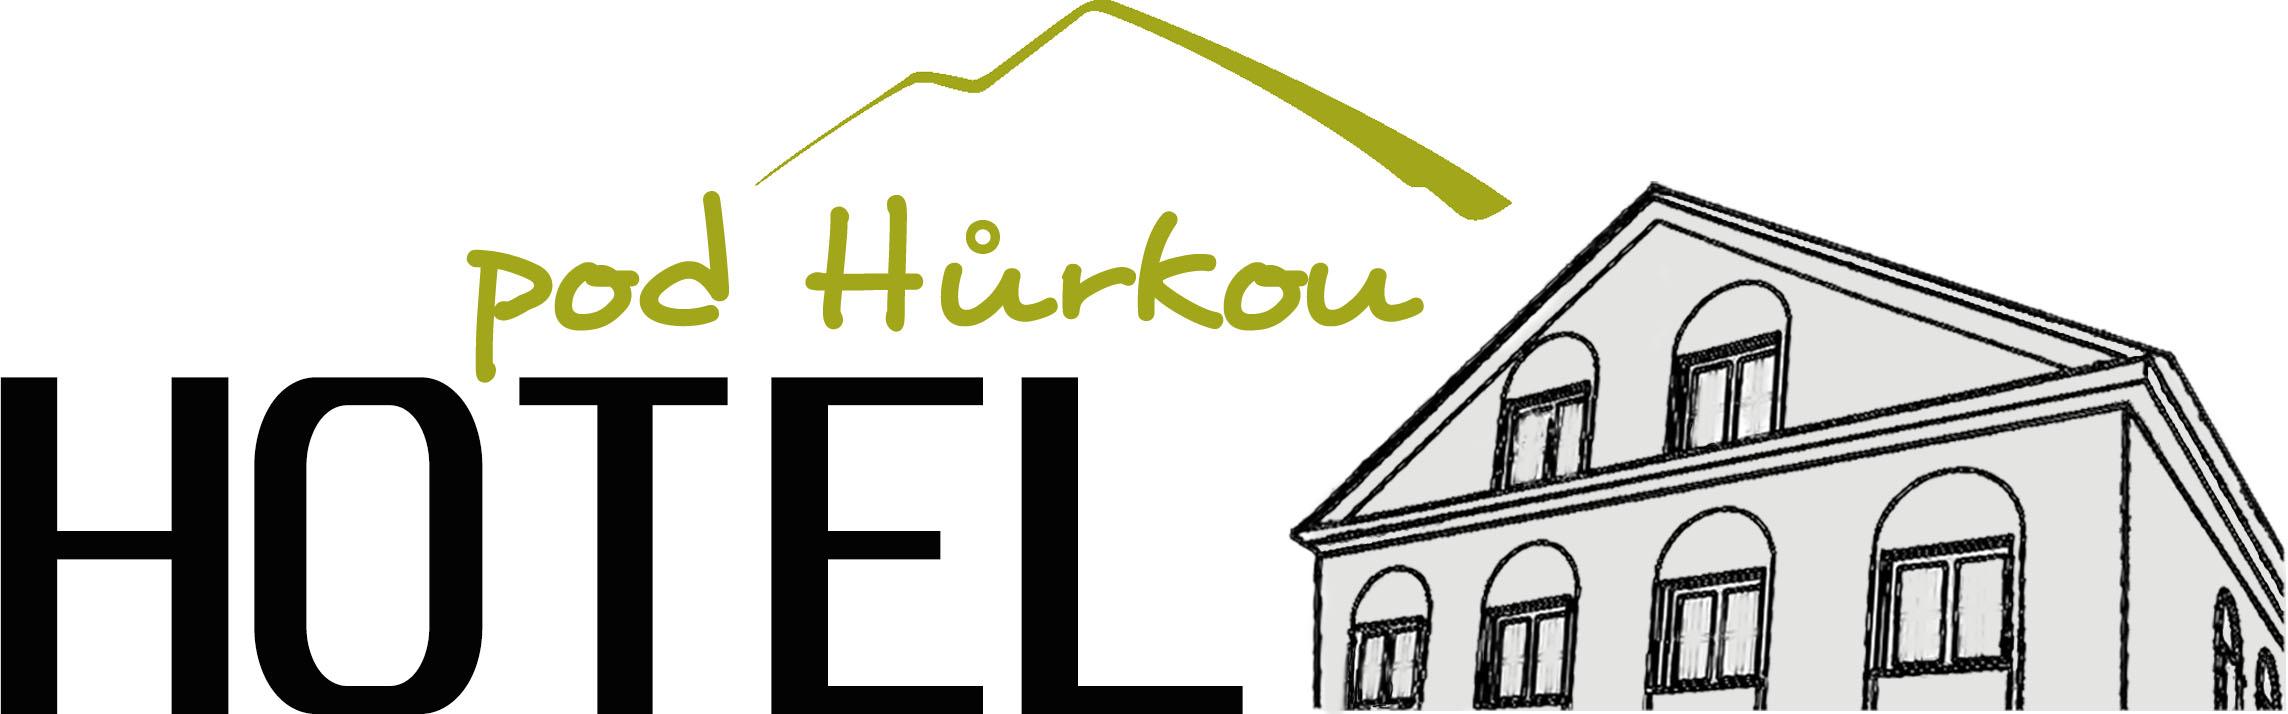 logo_hotel_x26